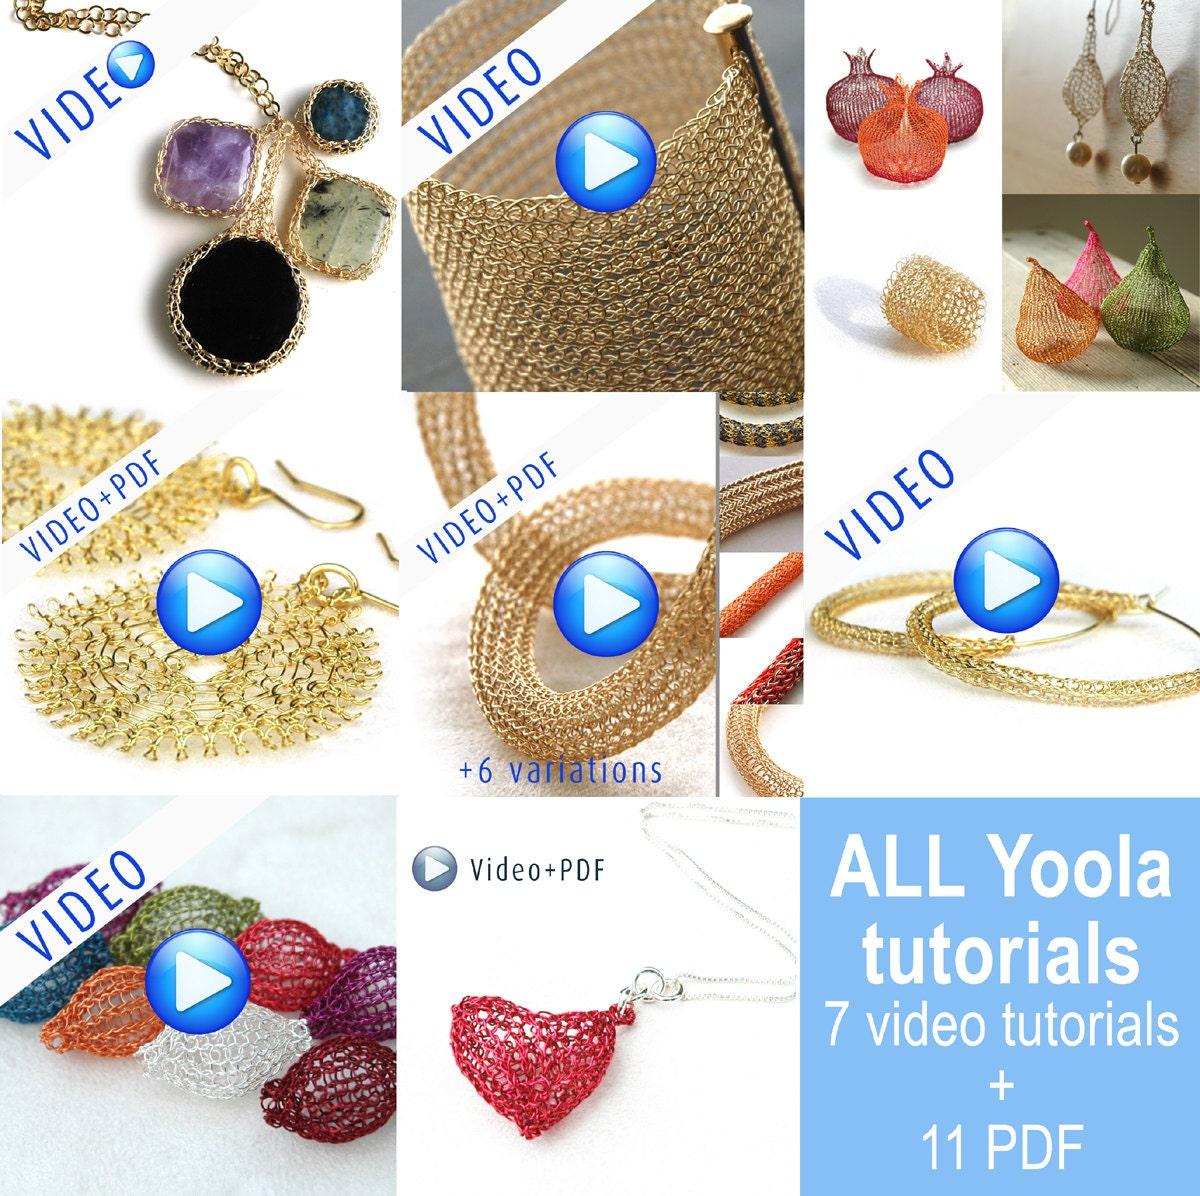 Jumbo Yoola Crochet jewelry making tutorials online video